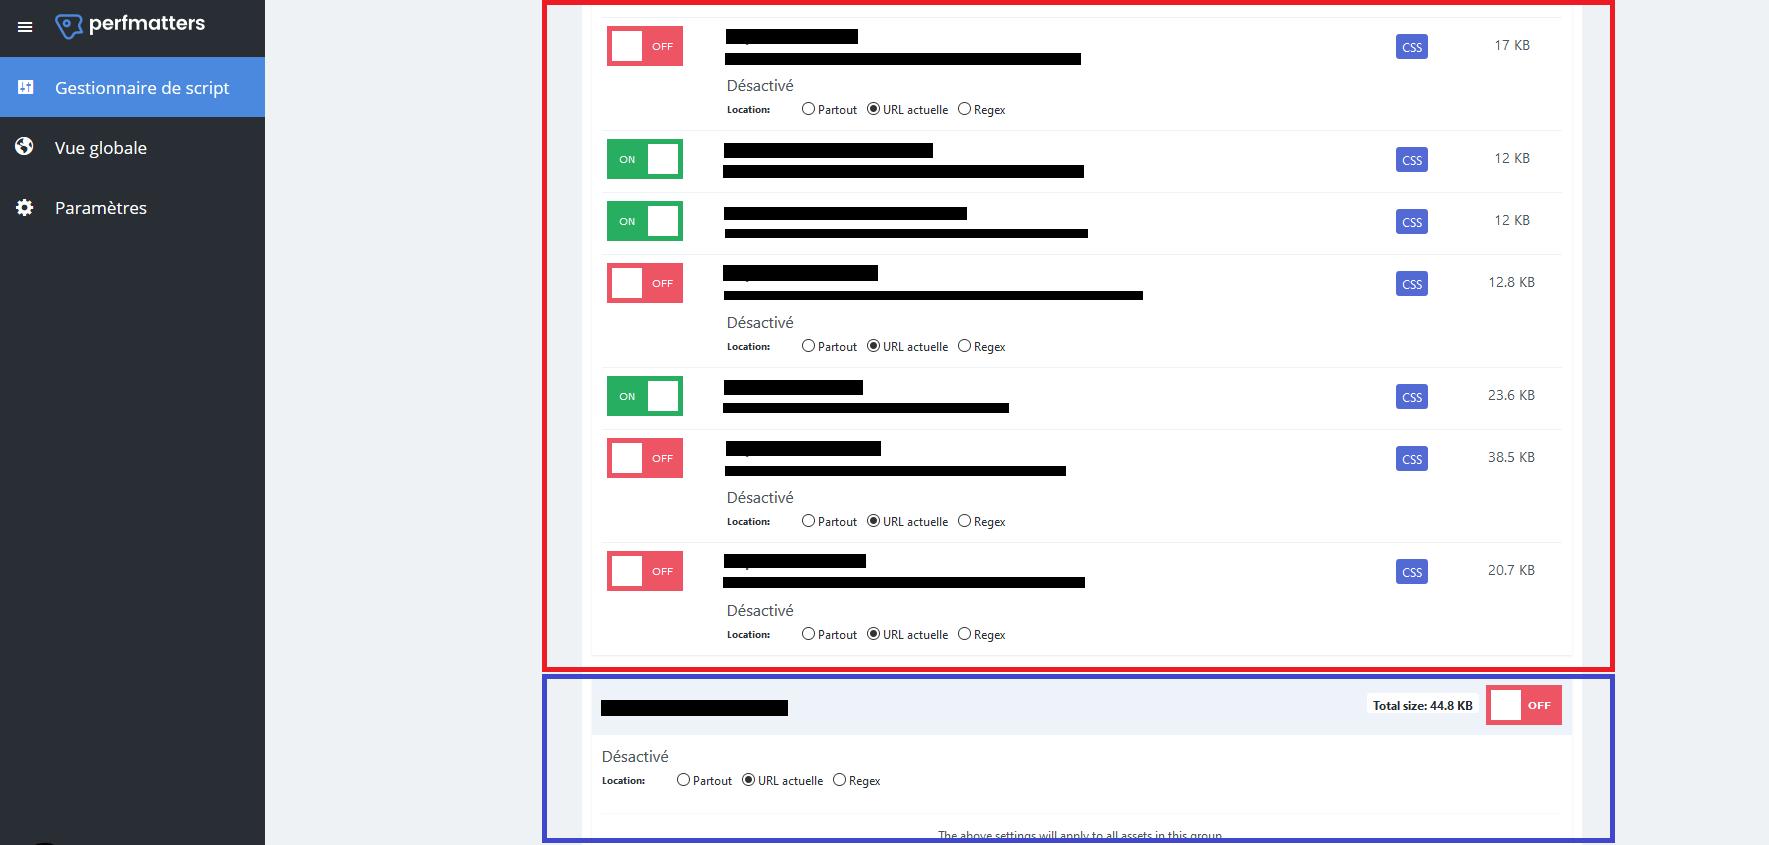 Exemple de chargement spécifique de ses plugins grâce a perfmatters